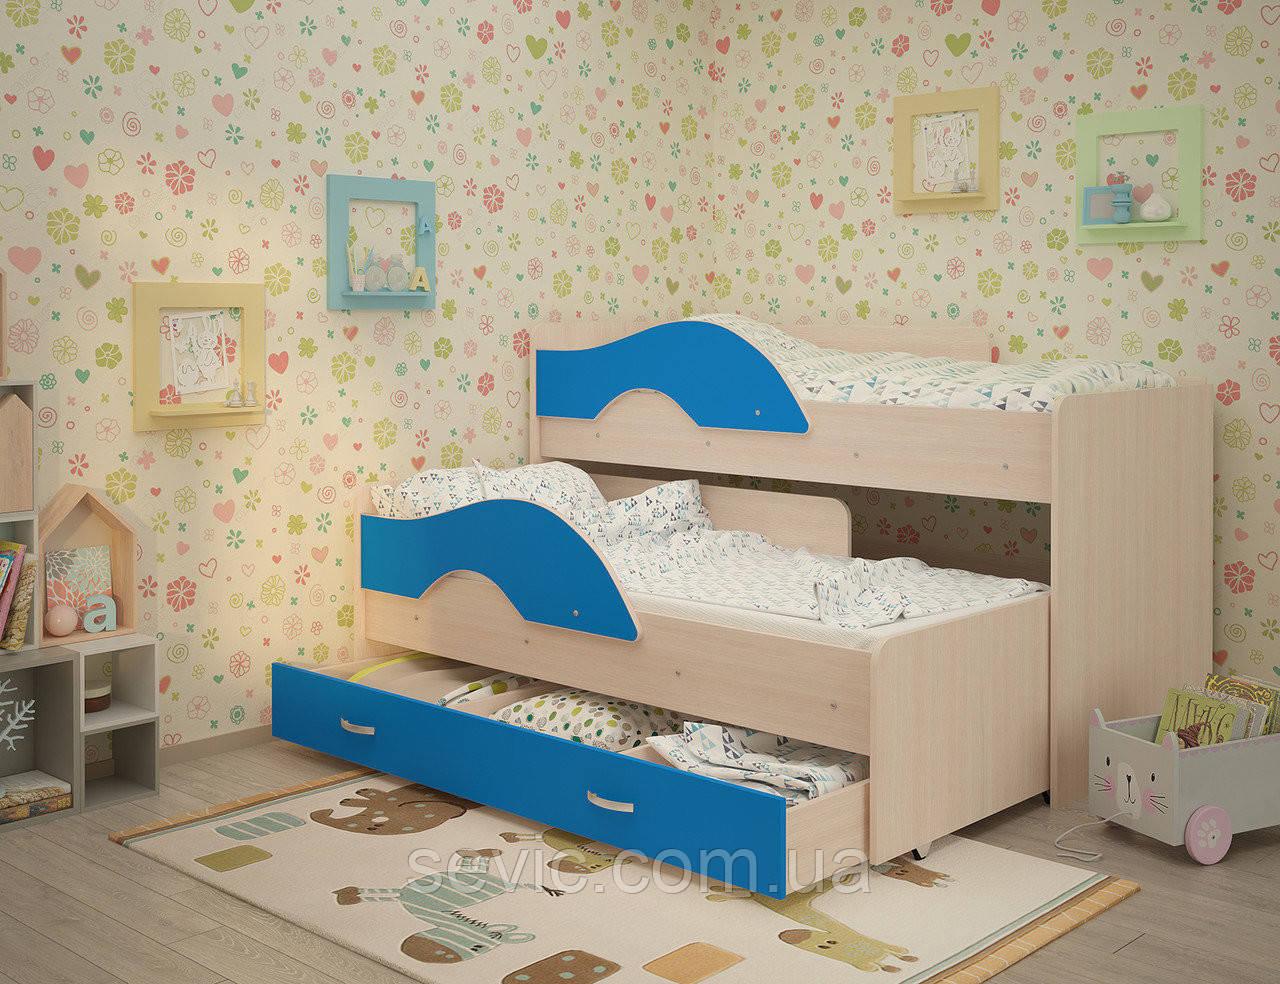 Невисока ліжко горище для двох ЧЕК 1